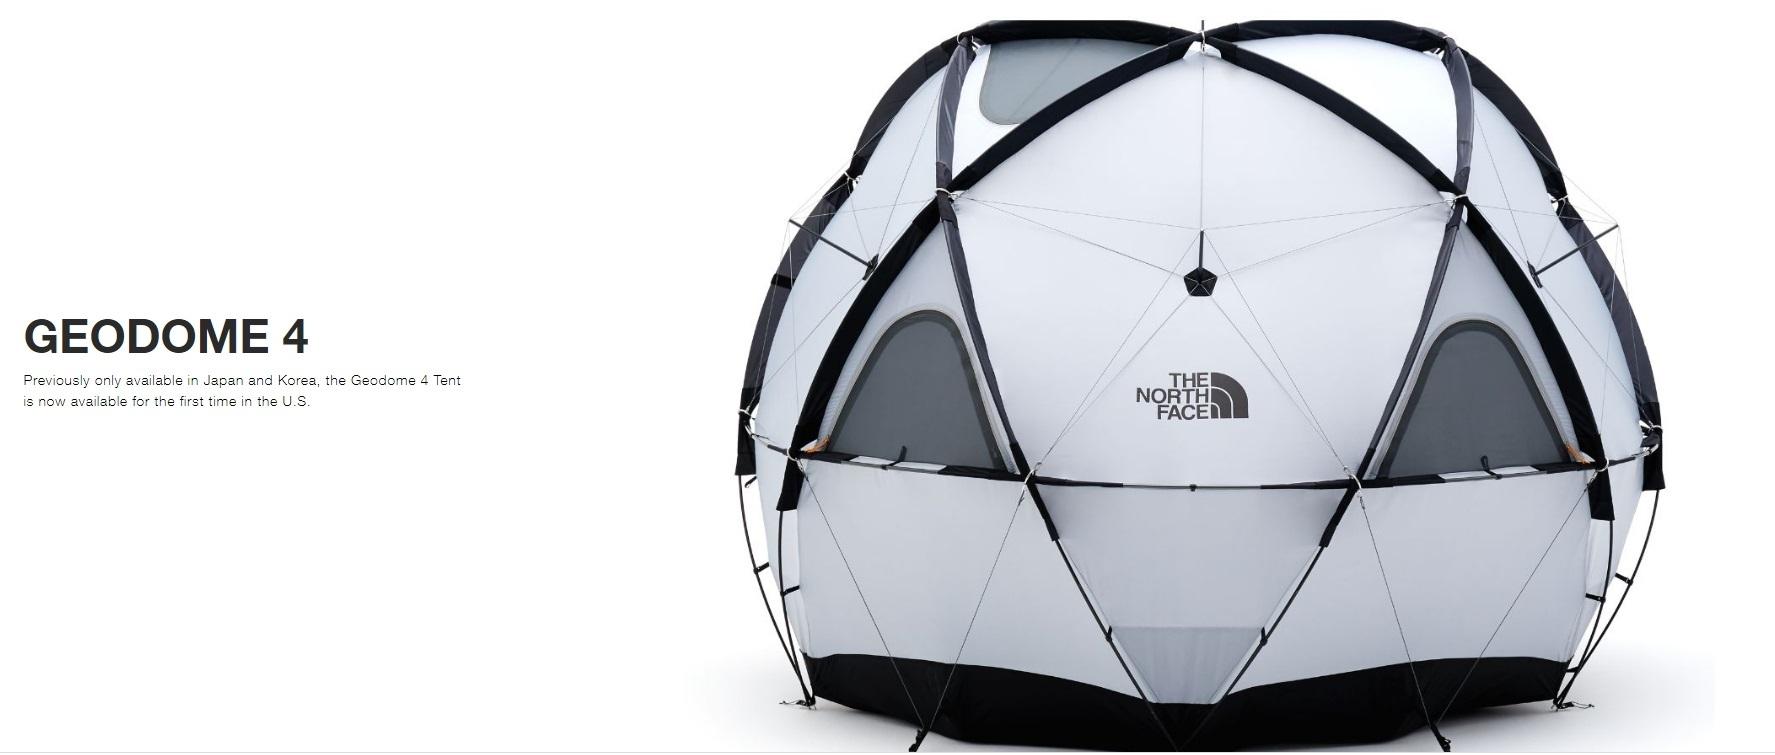 ジオドームという美しいテント_b0078651_20443305.jpg